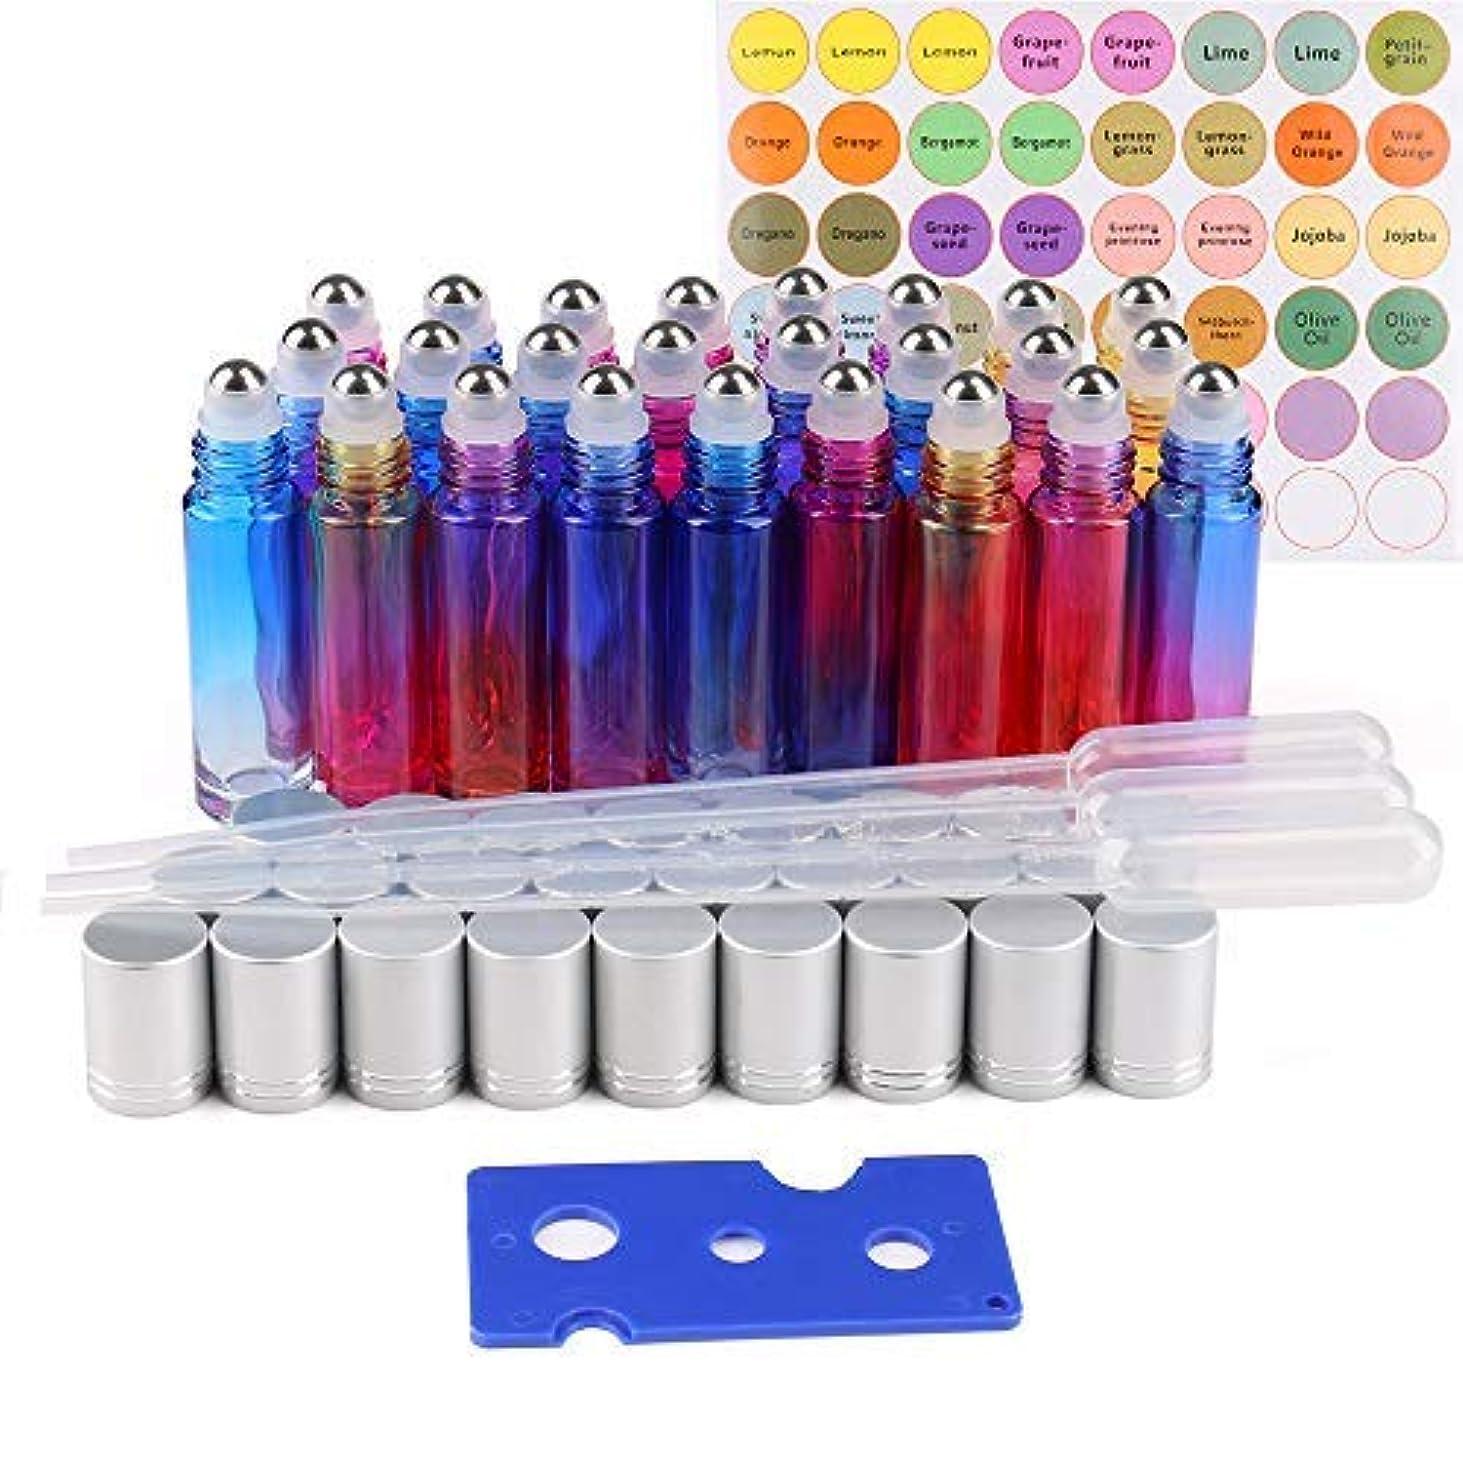 バターけん引結論25 Pack Essential Oil Roller Bottles, 10ml Gradient Color Roll on Bottles with Stainless Steel Roller Balls for...